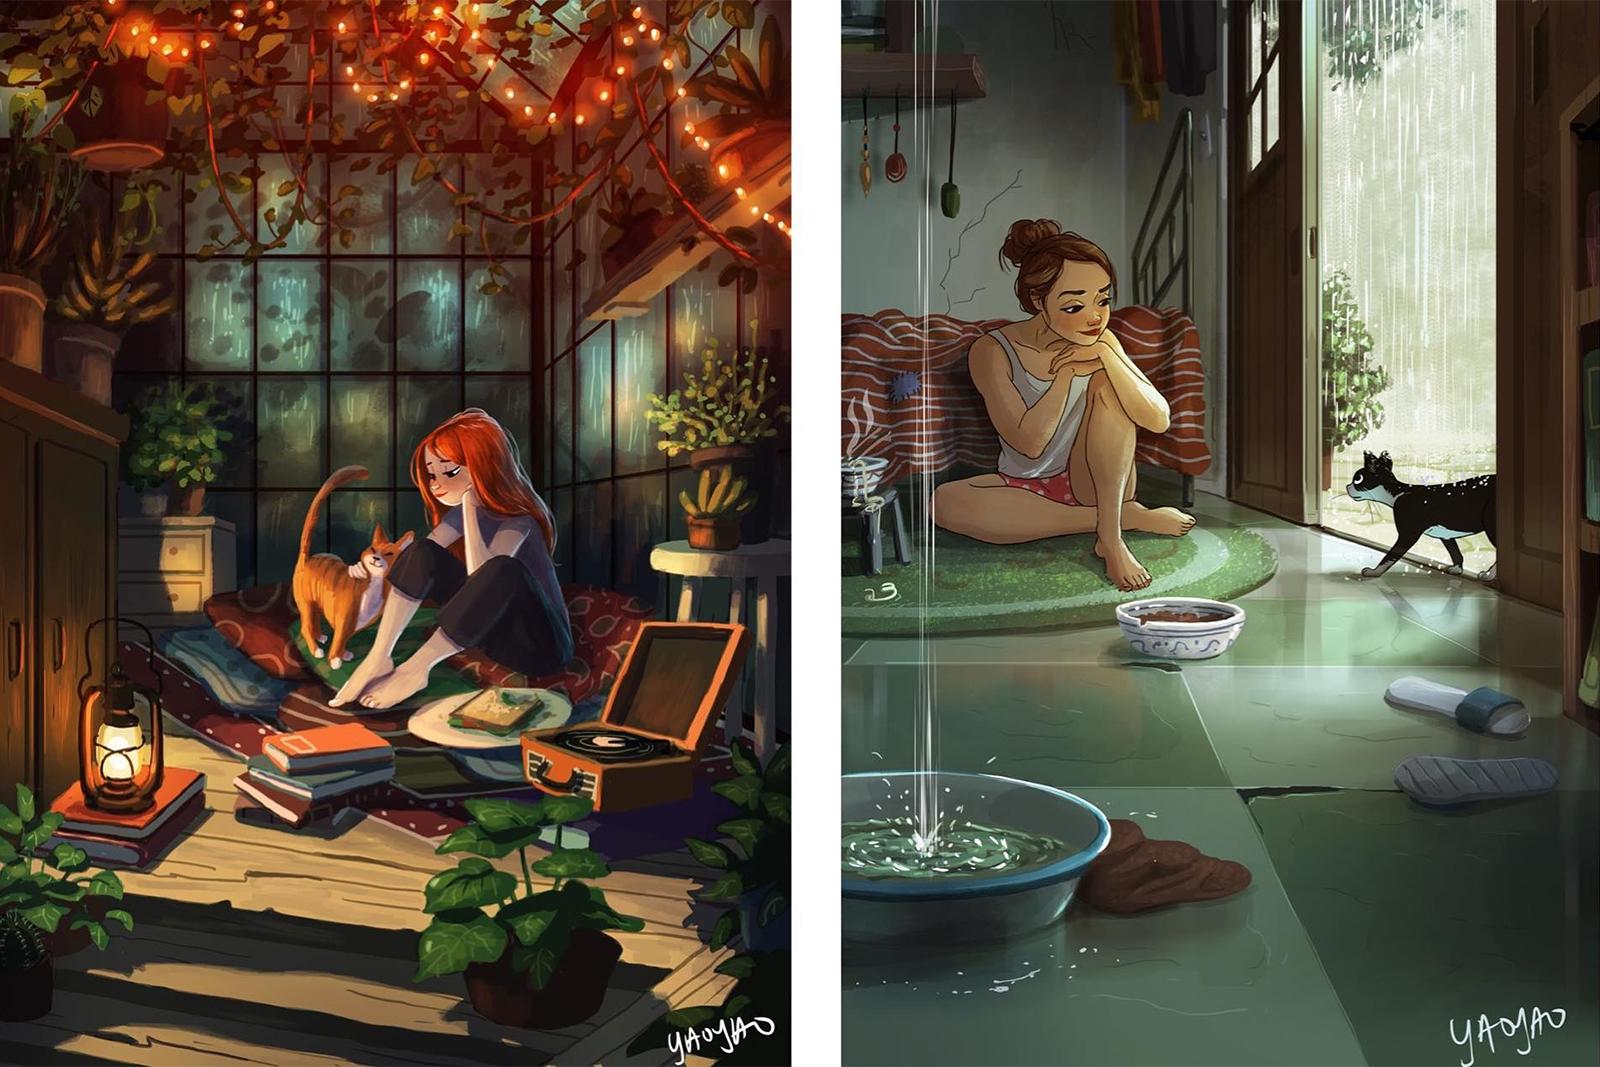 ilustrações yaoyao ma